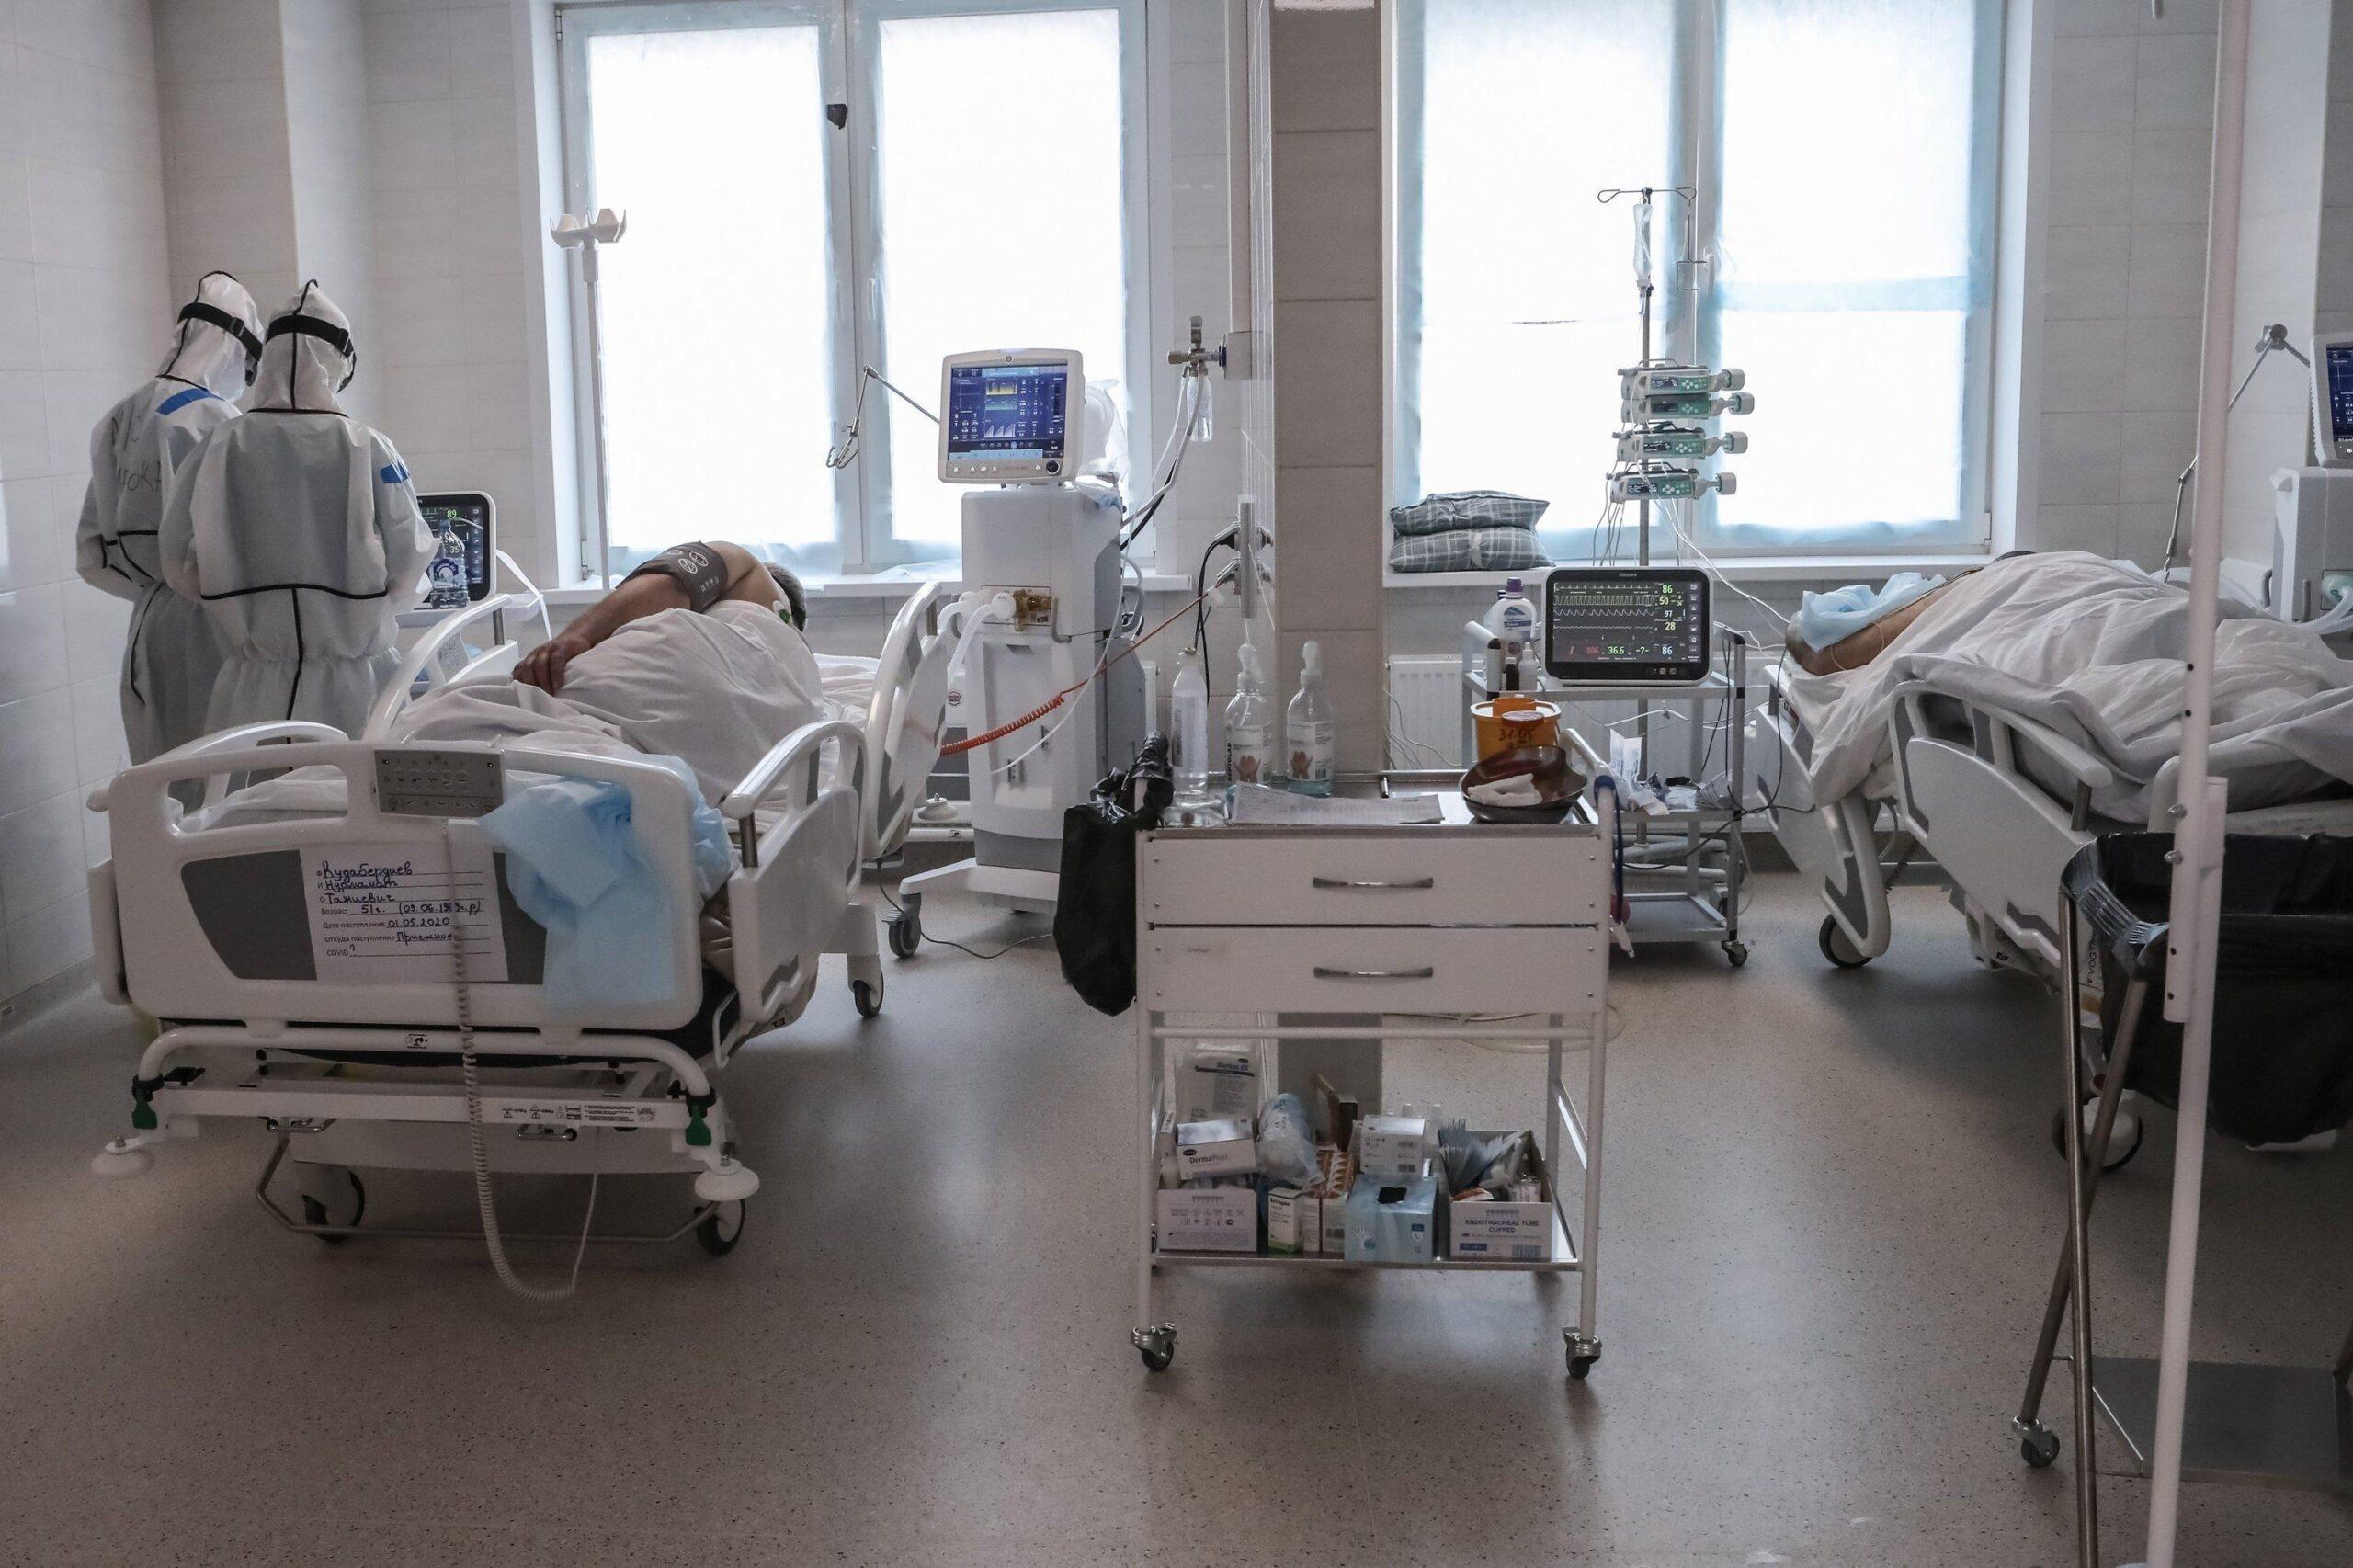 «Роскосмос» приостановил испытания ракетных двигателей и передал кислород ковид-госпиталям